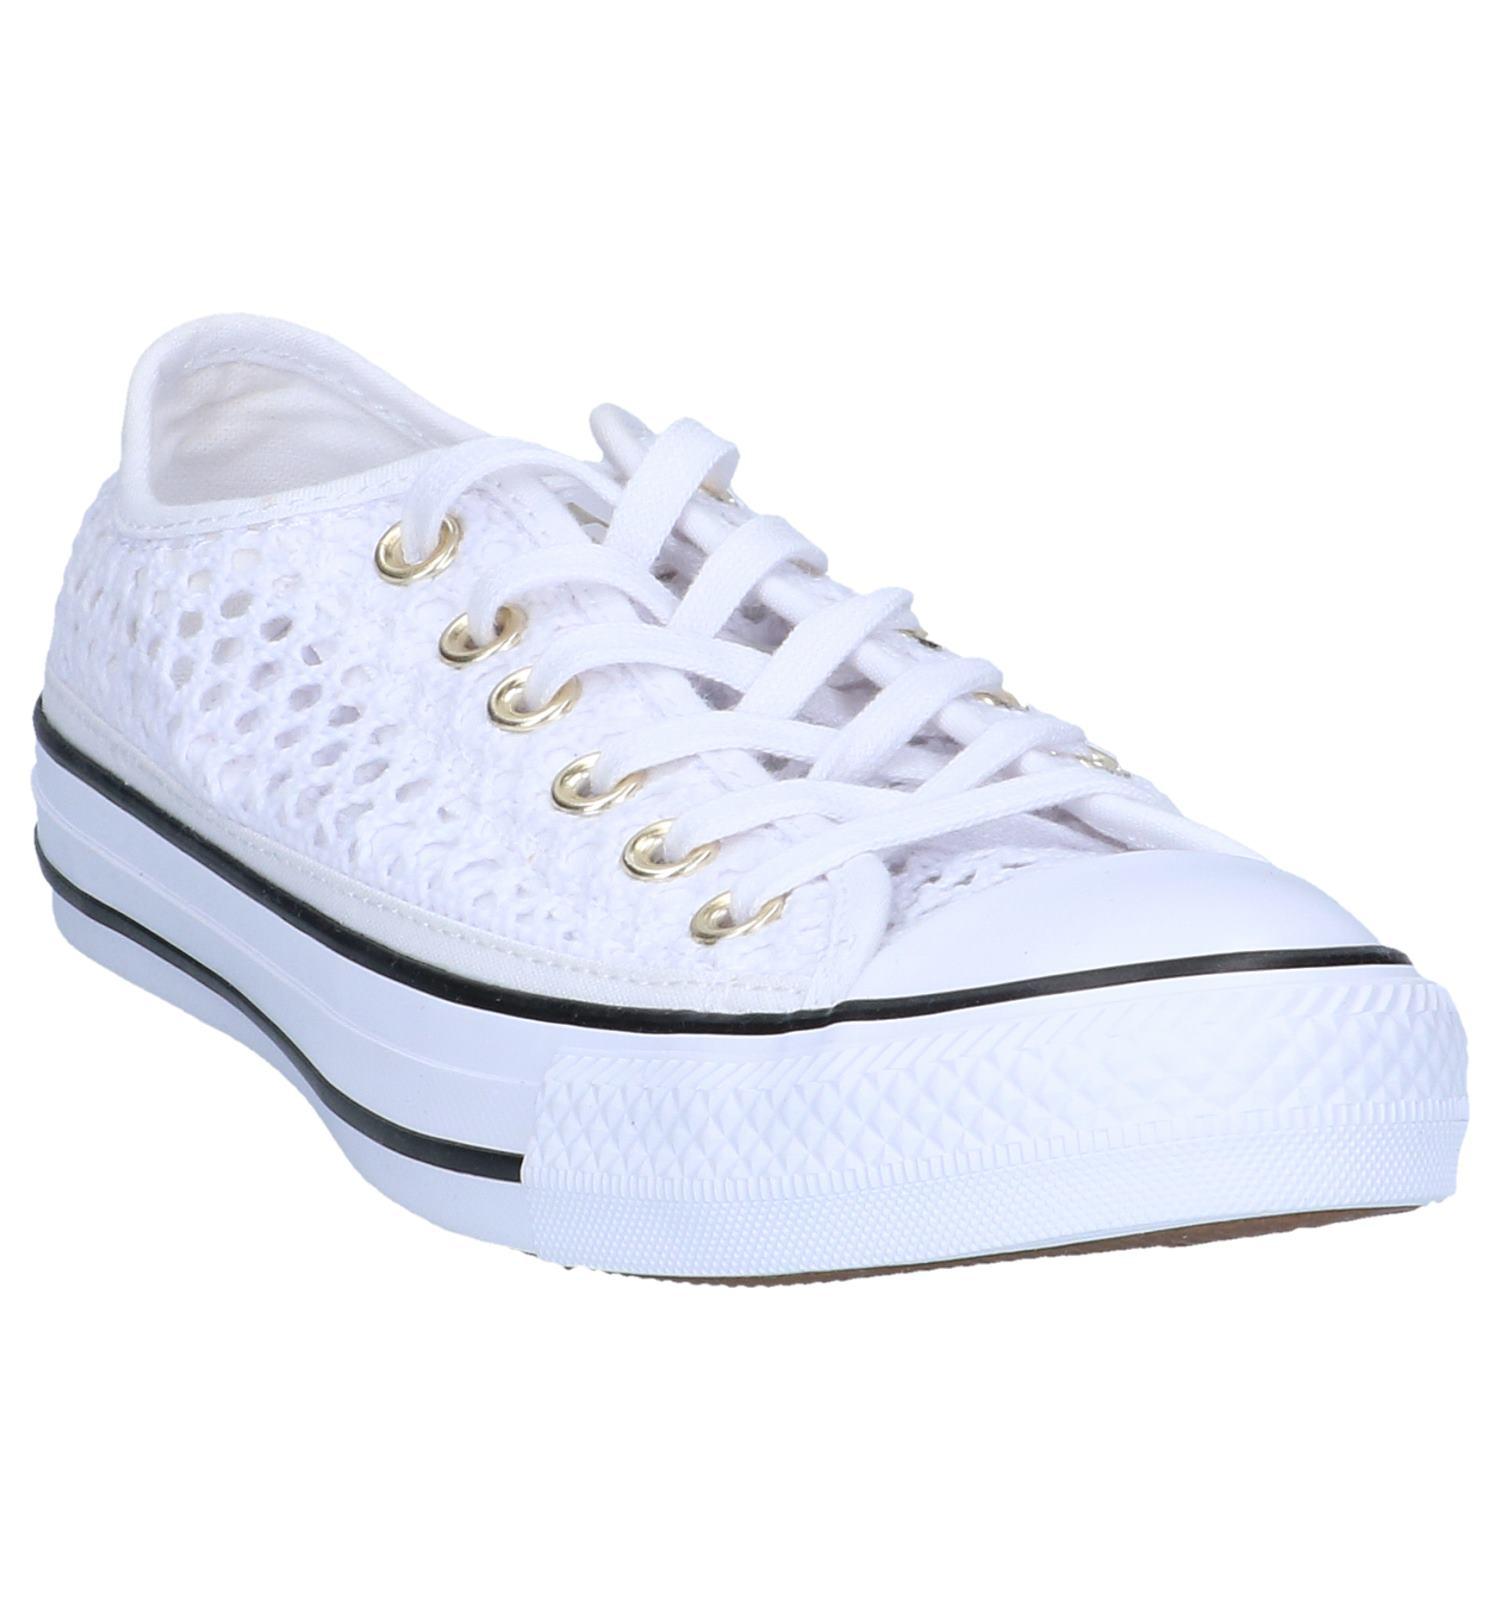 d22ac0e7411 Witte Sneakers Converse All Star OX   TORFS.BE   Gratis verzend en retour